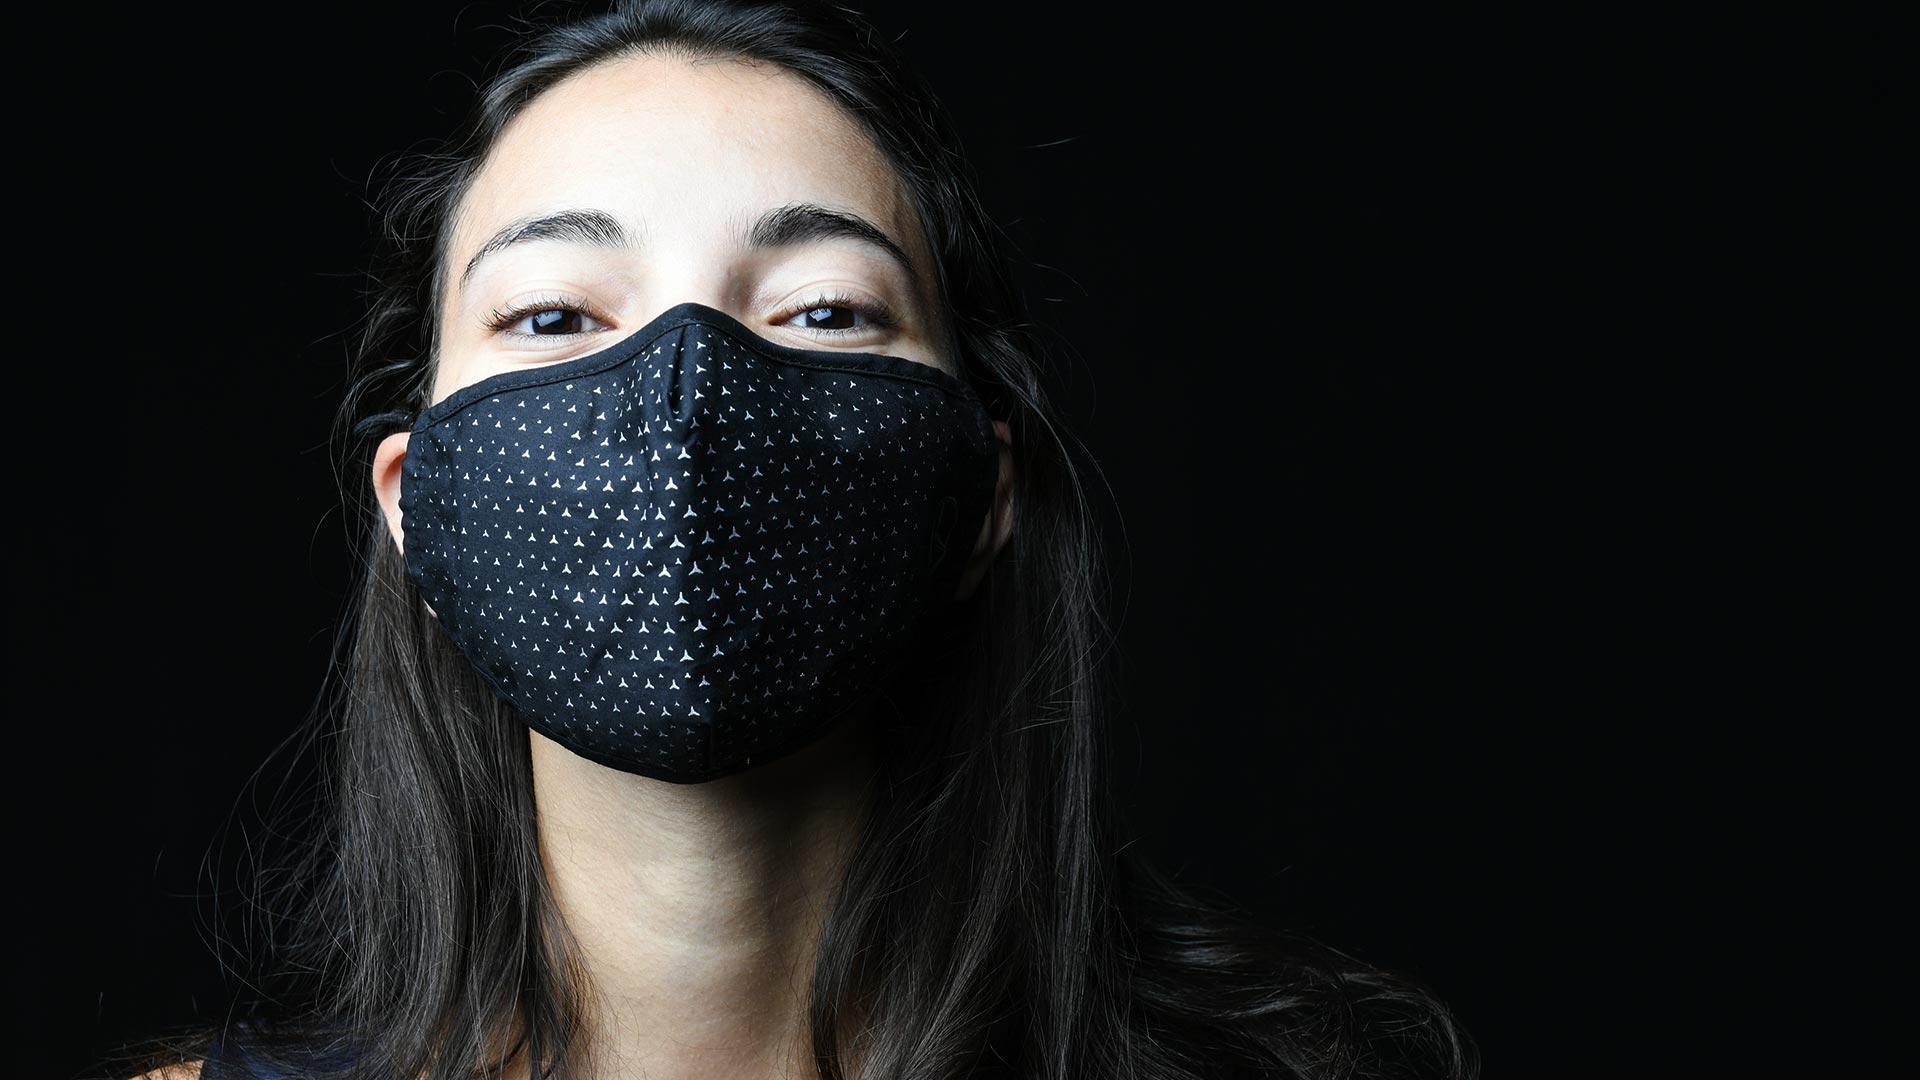 Les Trophées de l'Environnement Photo illustrative femme masquée cheveux longs